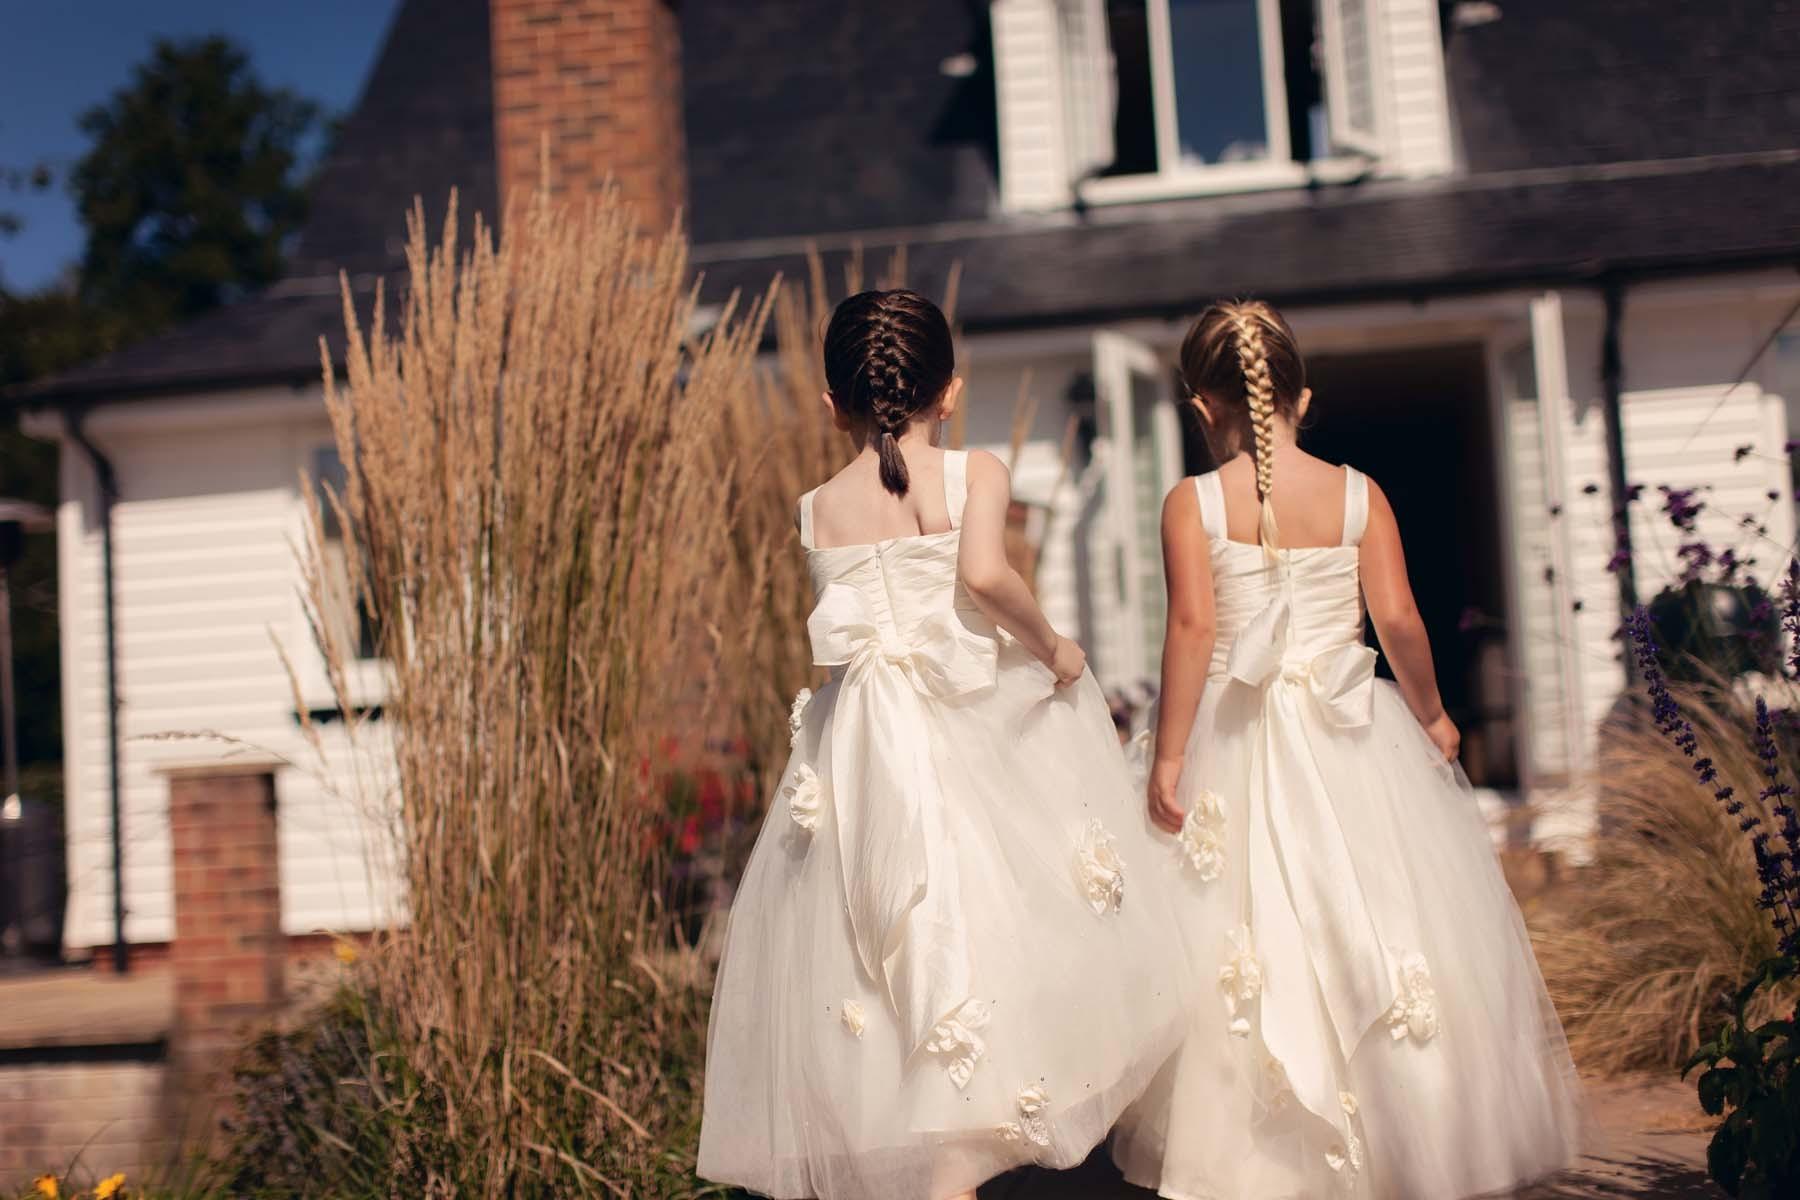 Sussex & Surrey Wedding Photographer - Children (1)